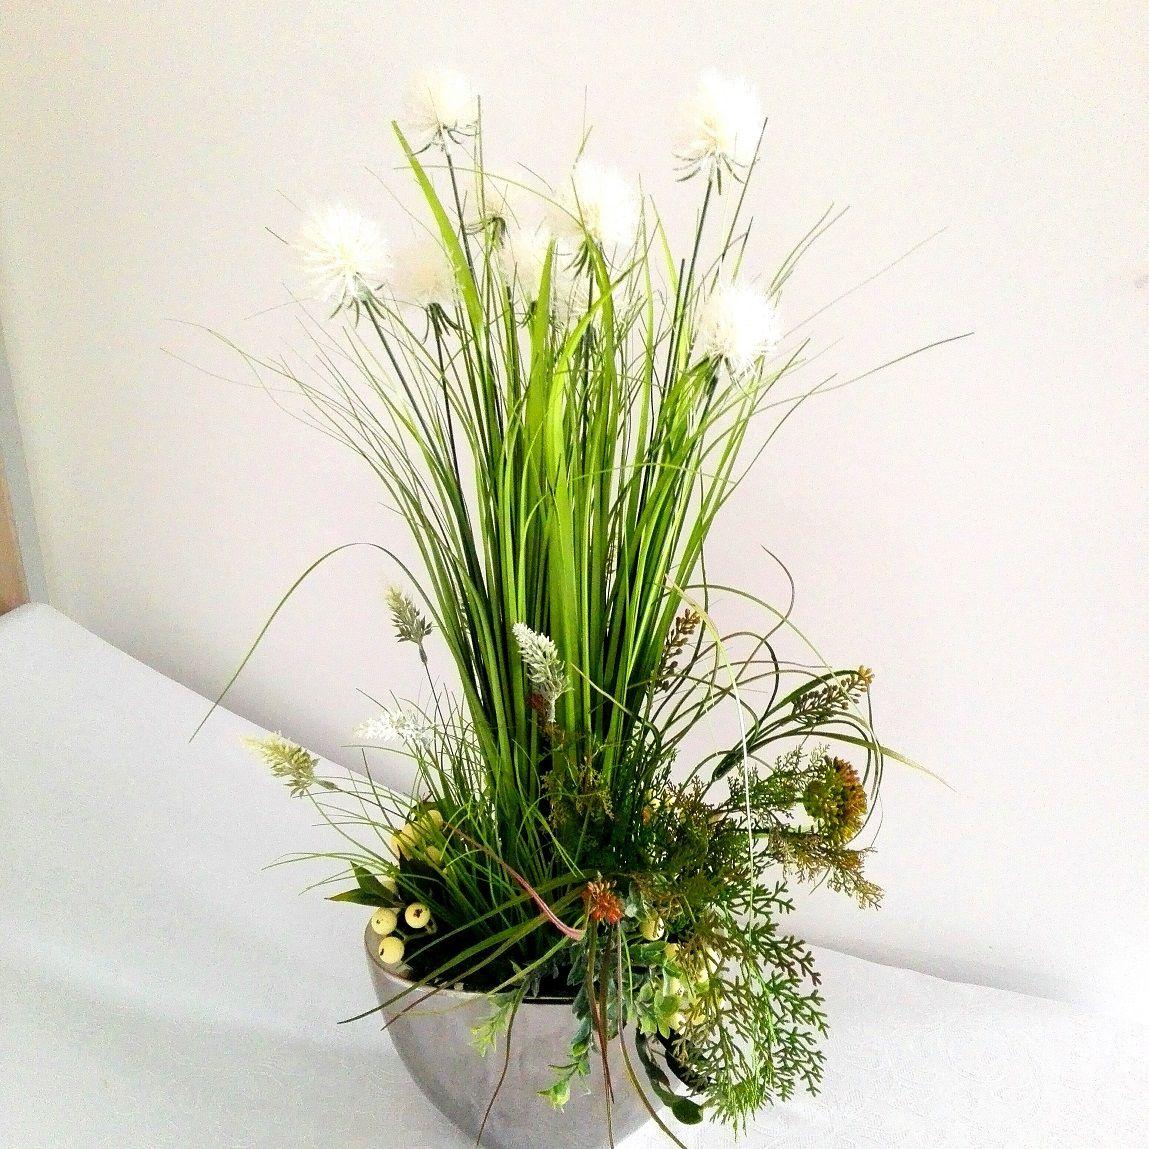 Trawa Kompozycja 80 Swiateczne Atelier Plants Grass